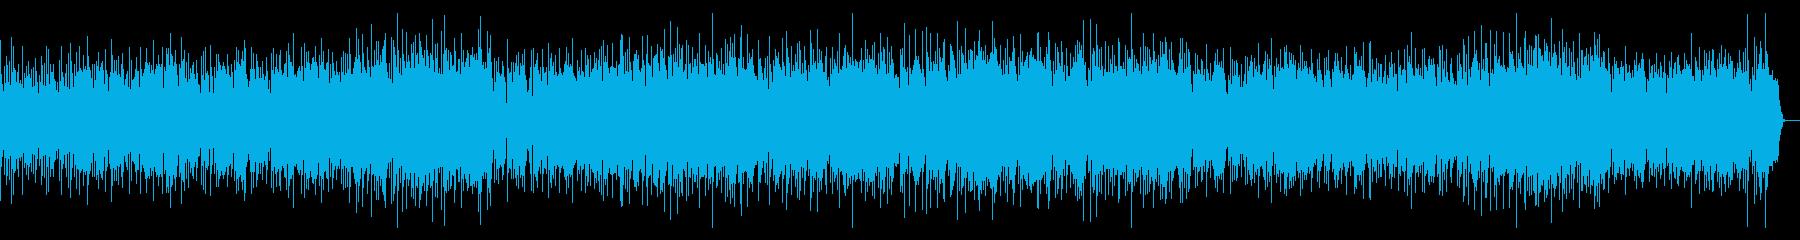 暑さを吹き飛ばすBGMの再生済みの波形